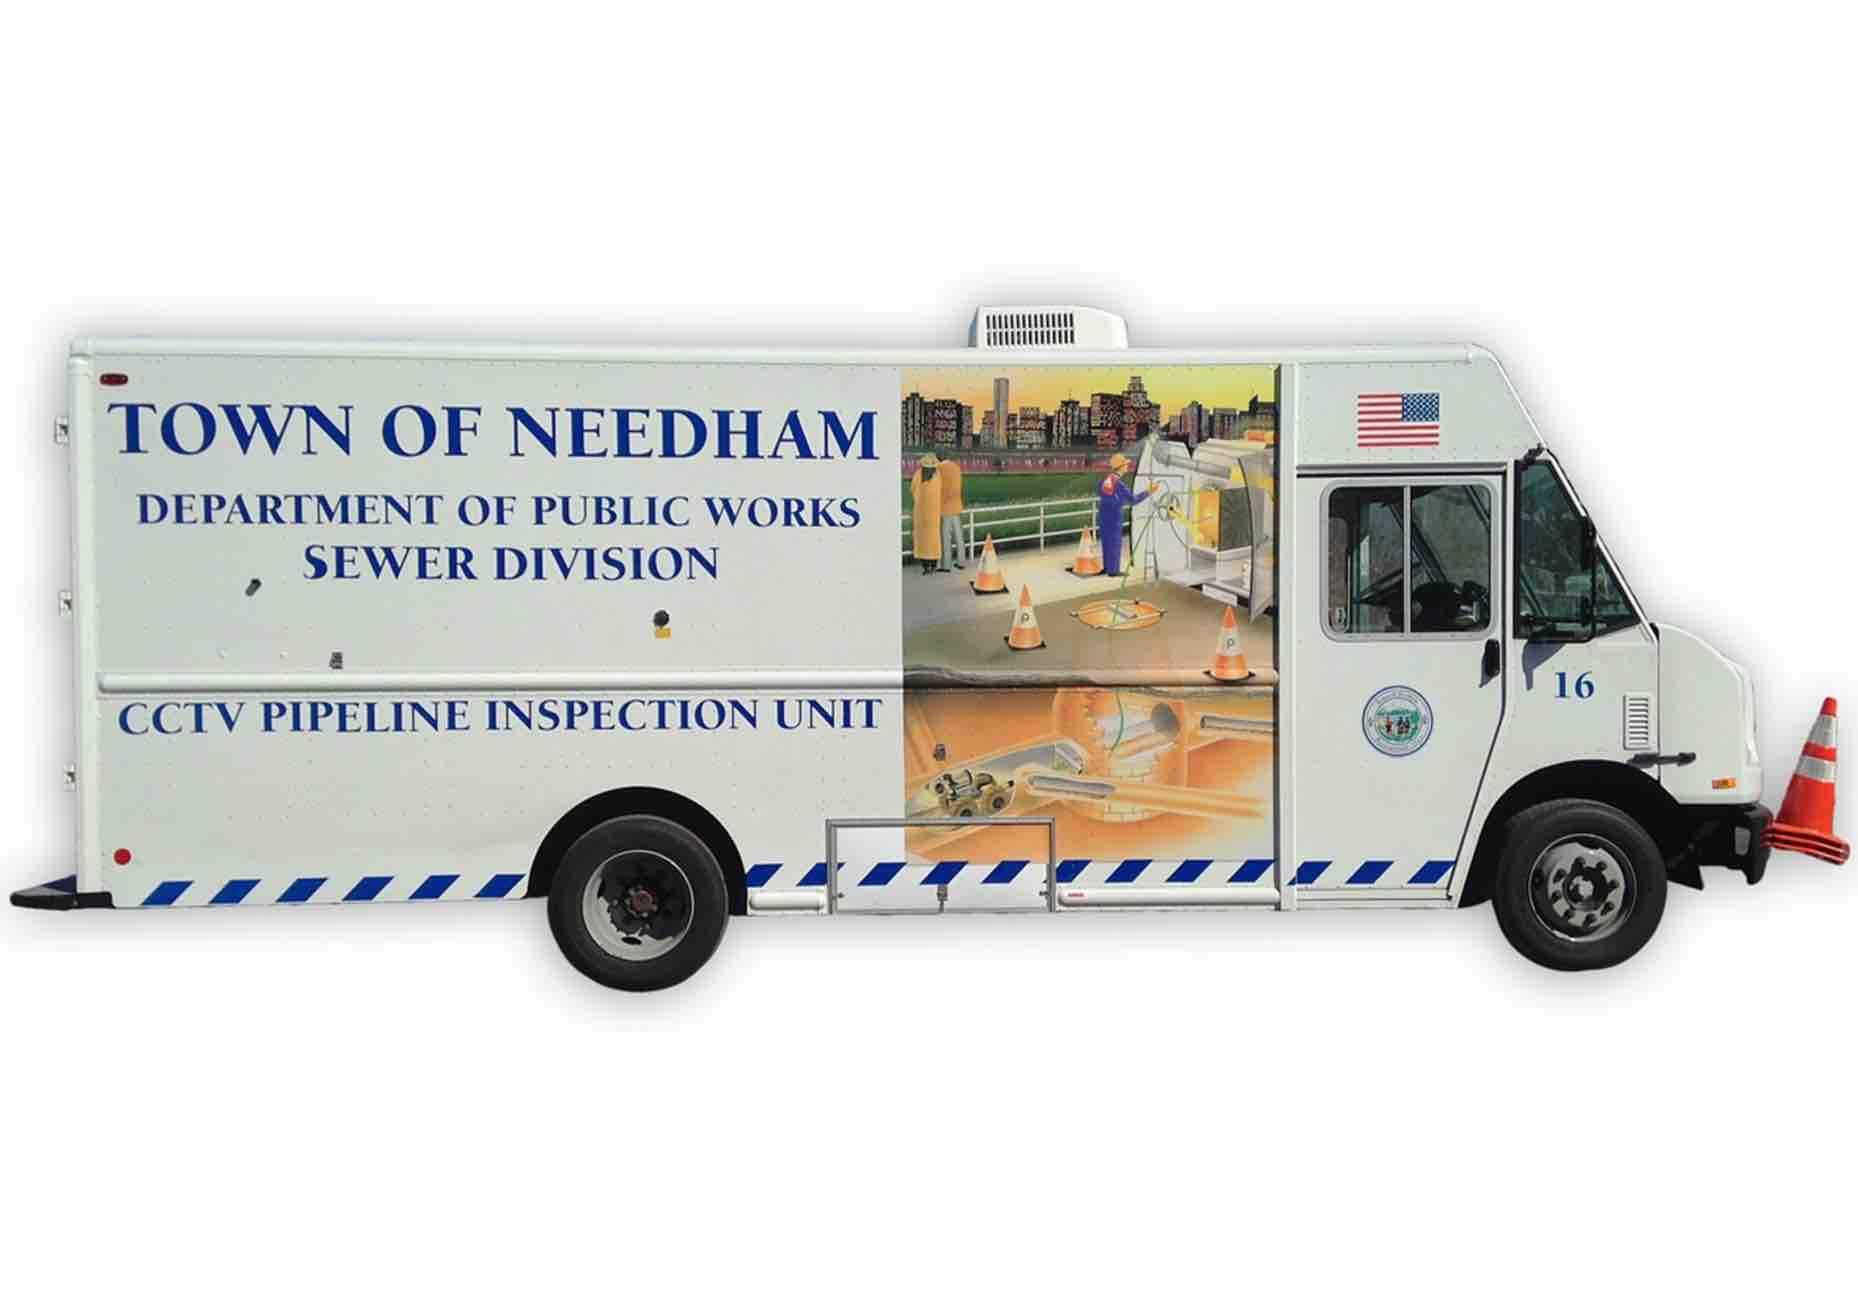 Needham DPW